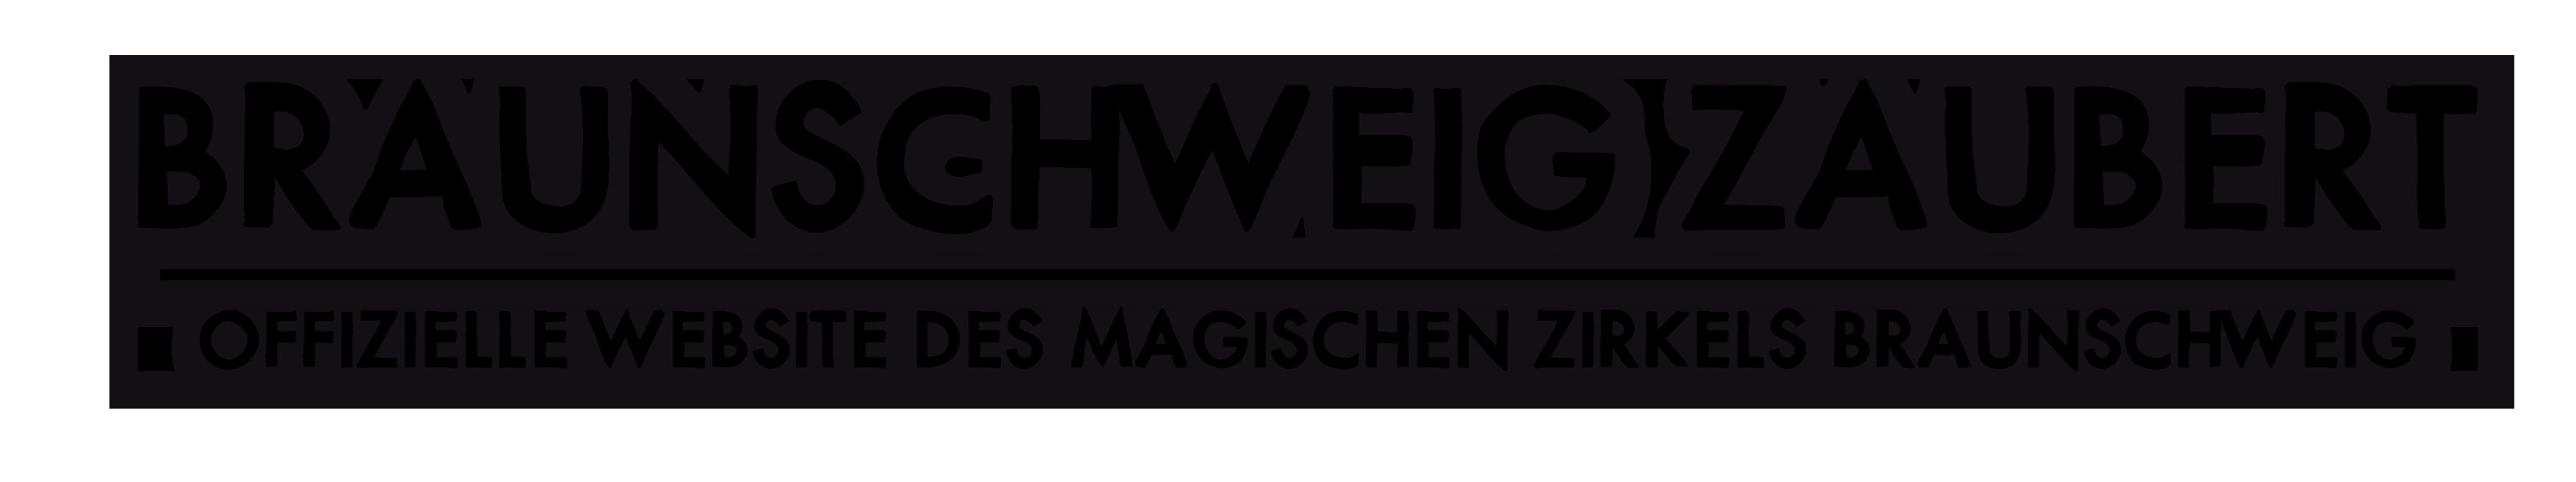 Braunschweig Zaubert